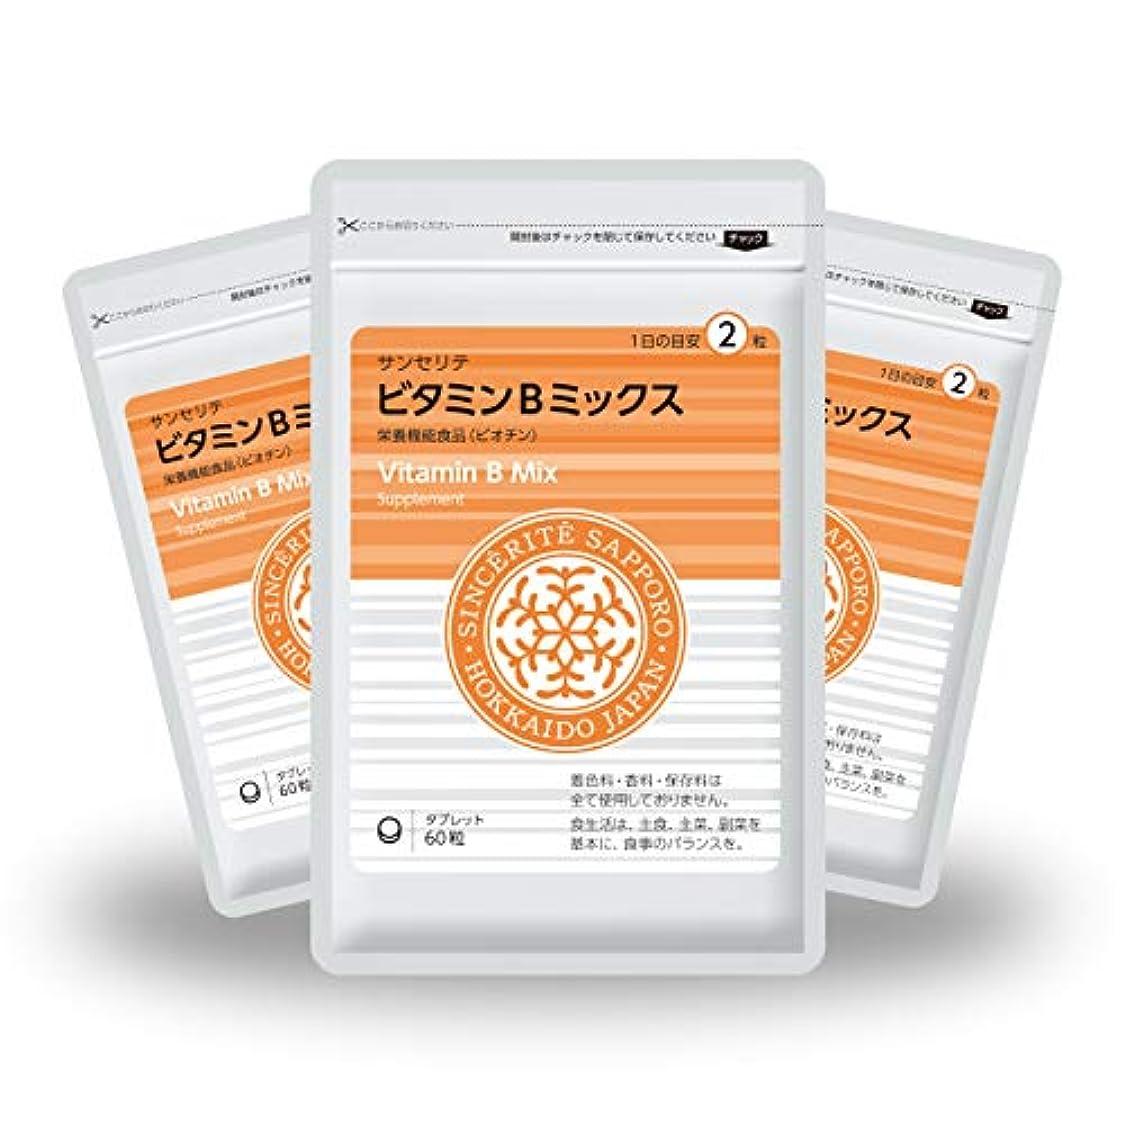 膨張するボイコットしたいビタミンBミックス 3袋セット[栄養機能食品]ビタミンB群たっぷり配合[国内製造]お得な90日分